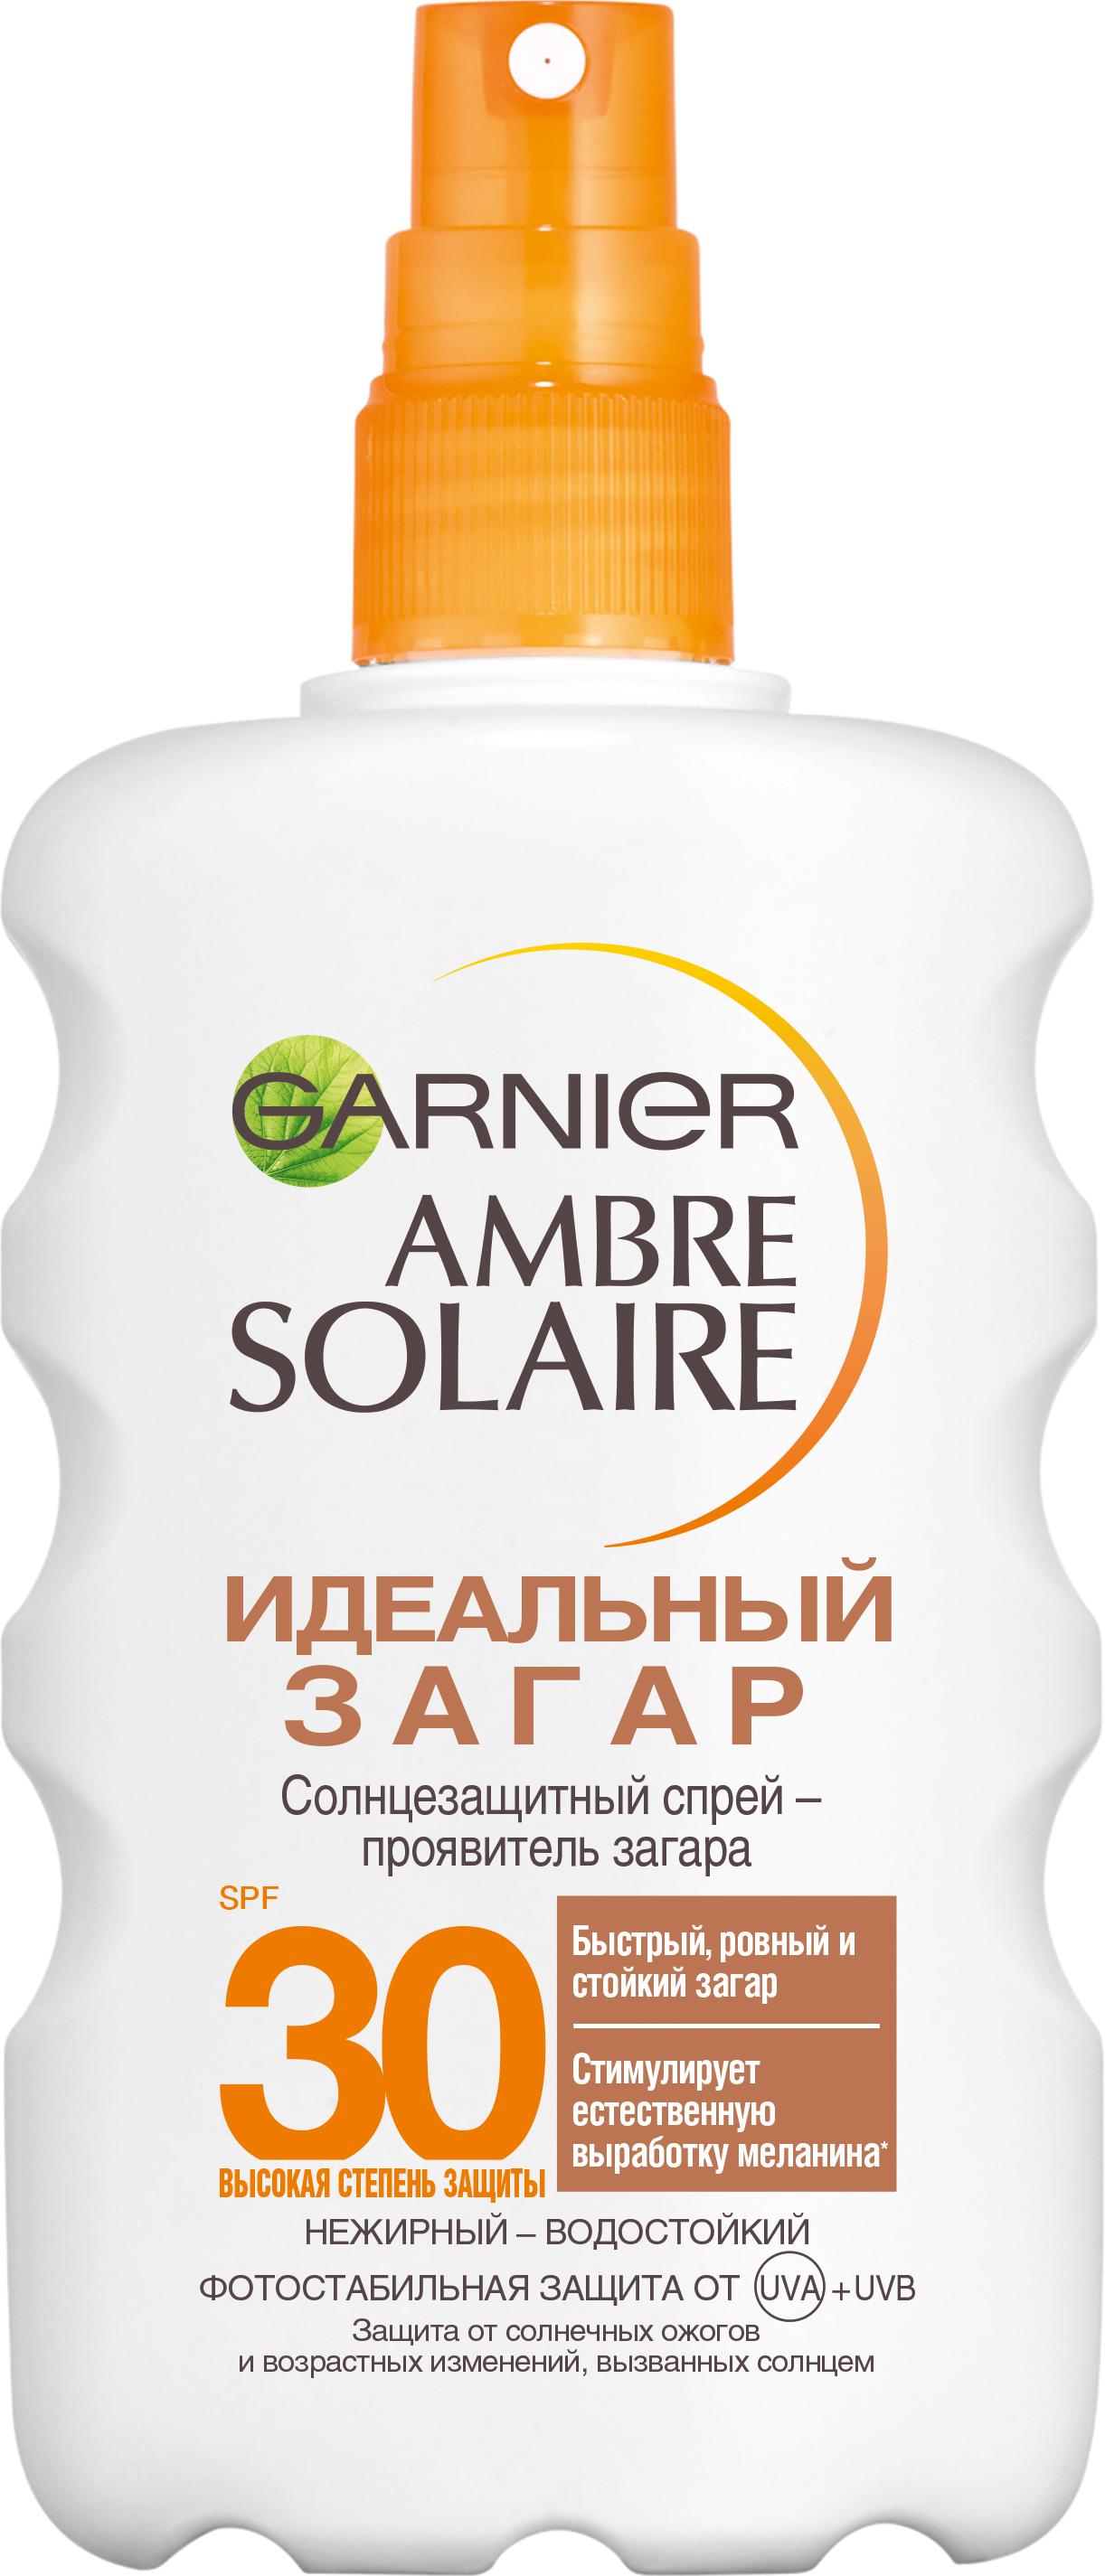 Купить Солнцезащитный спрей-проявитель загара Garnier Ambre Solaire Идеальный загар SPF 30 200 мл, идеальный загар 200 мл